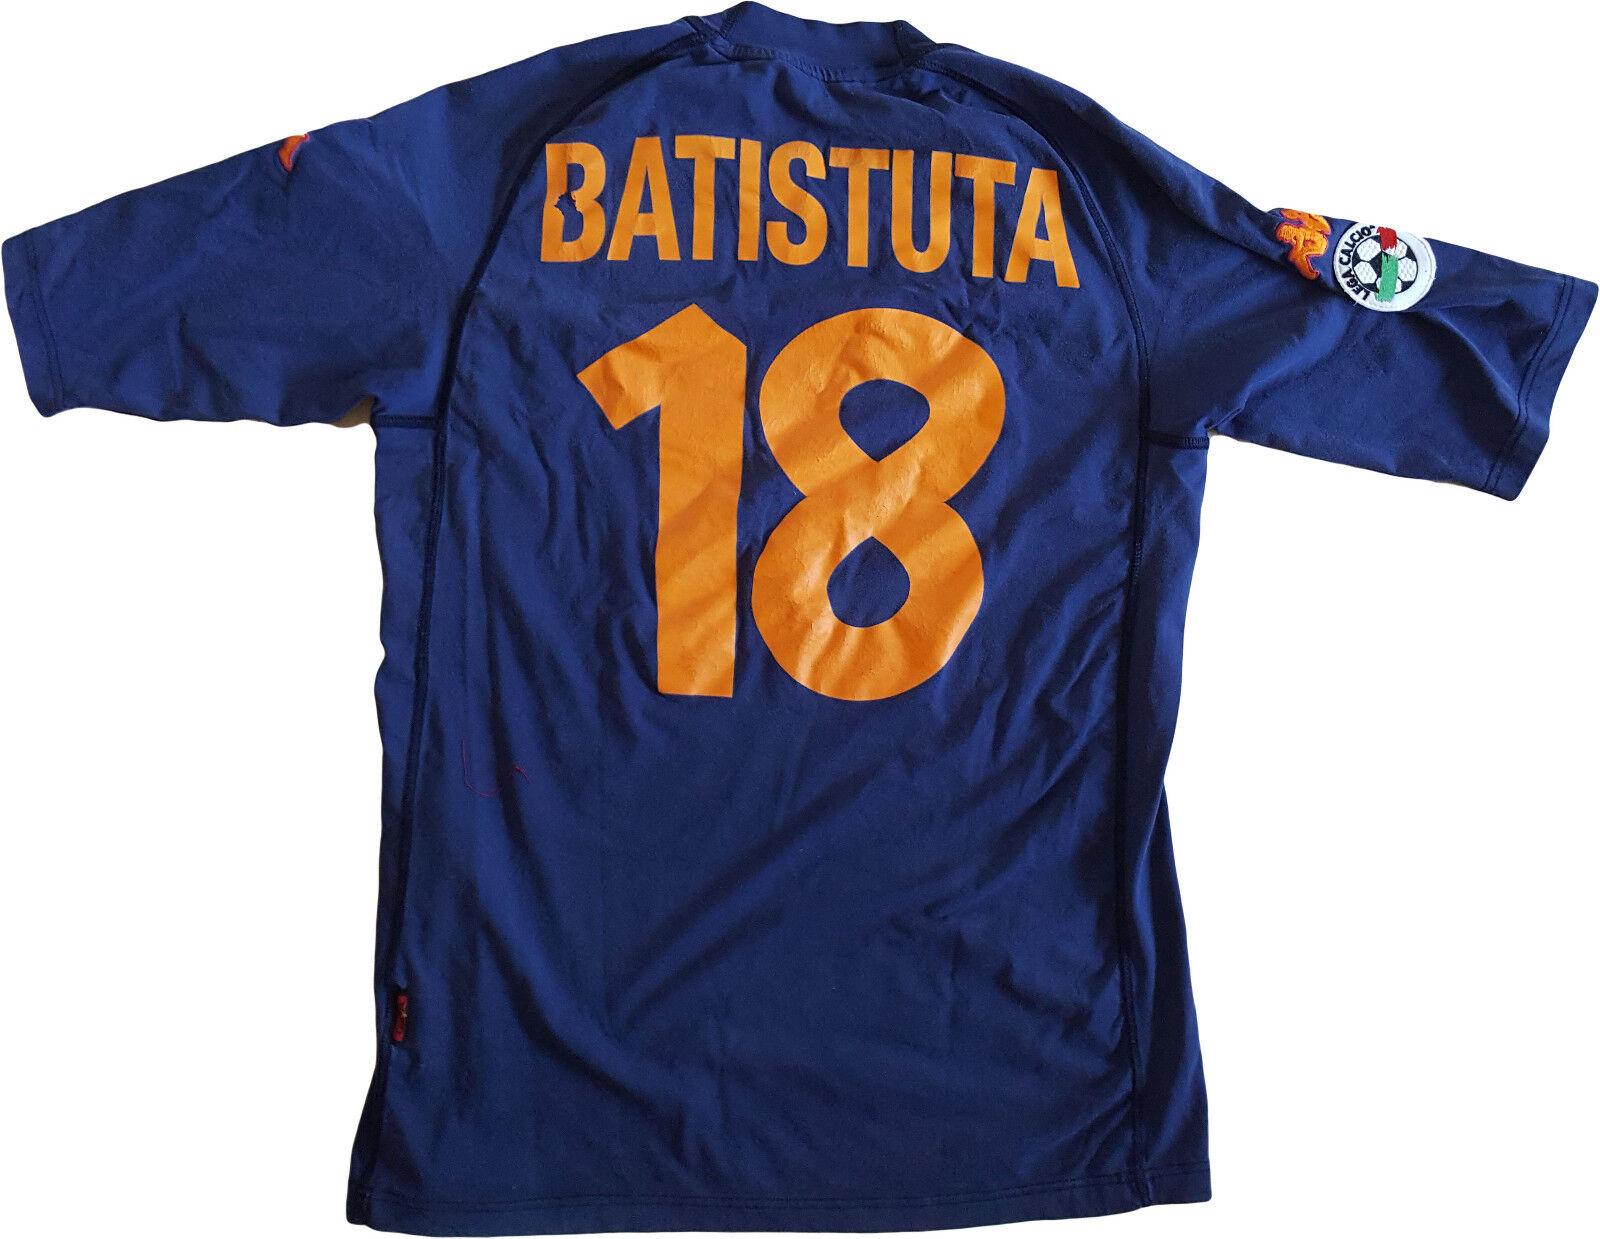 Maglia Batistuta ROMA scudetto 2000 2001 Kappa N0 match worn Ina Assitalia L